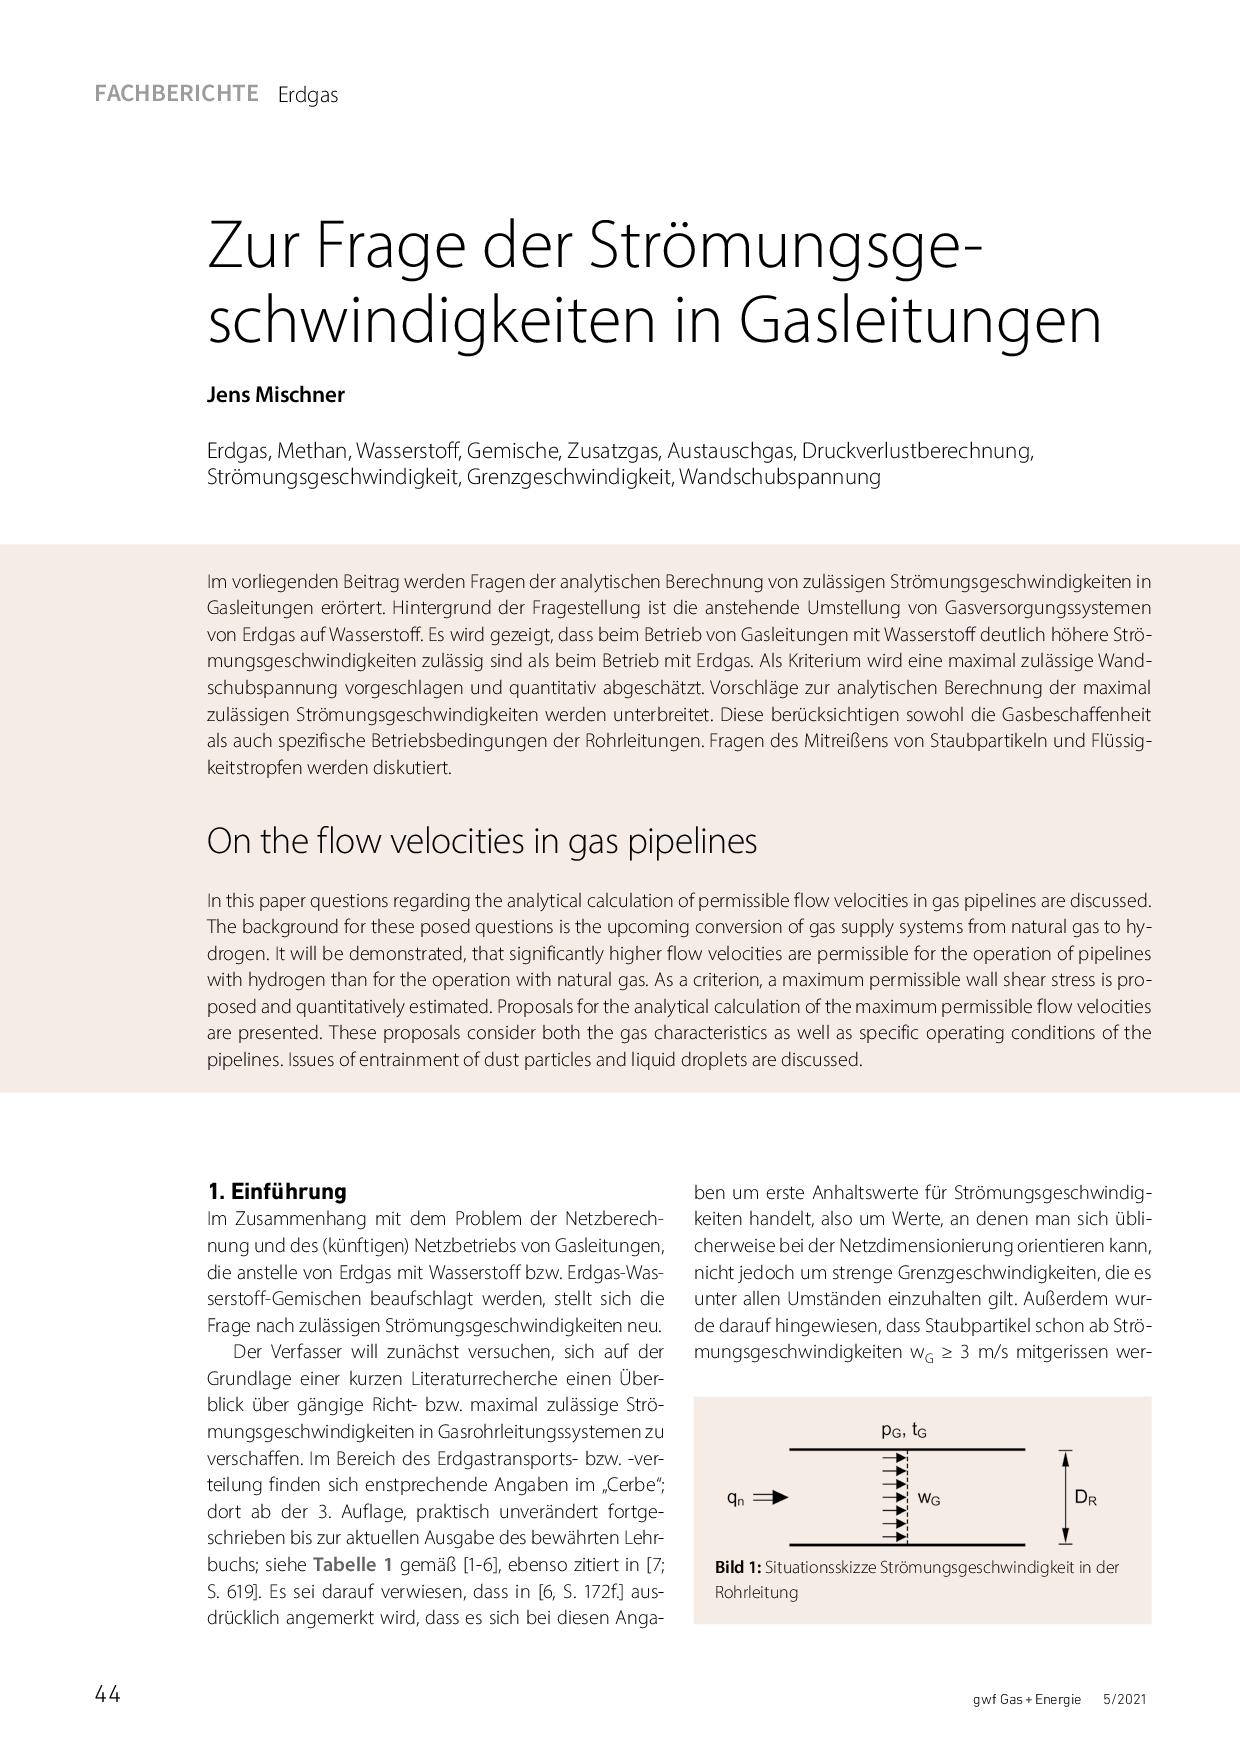 Zur Dimensionierung von Anschlussleitungen für Gasgeräte im Nieder- und Mitteldruckbereich und Leistungen bis 1.000 kW